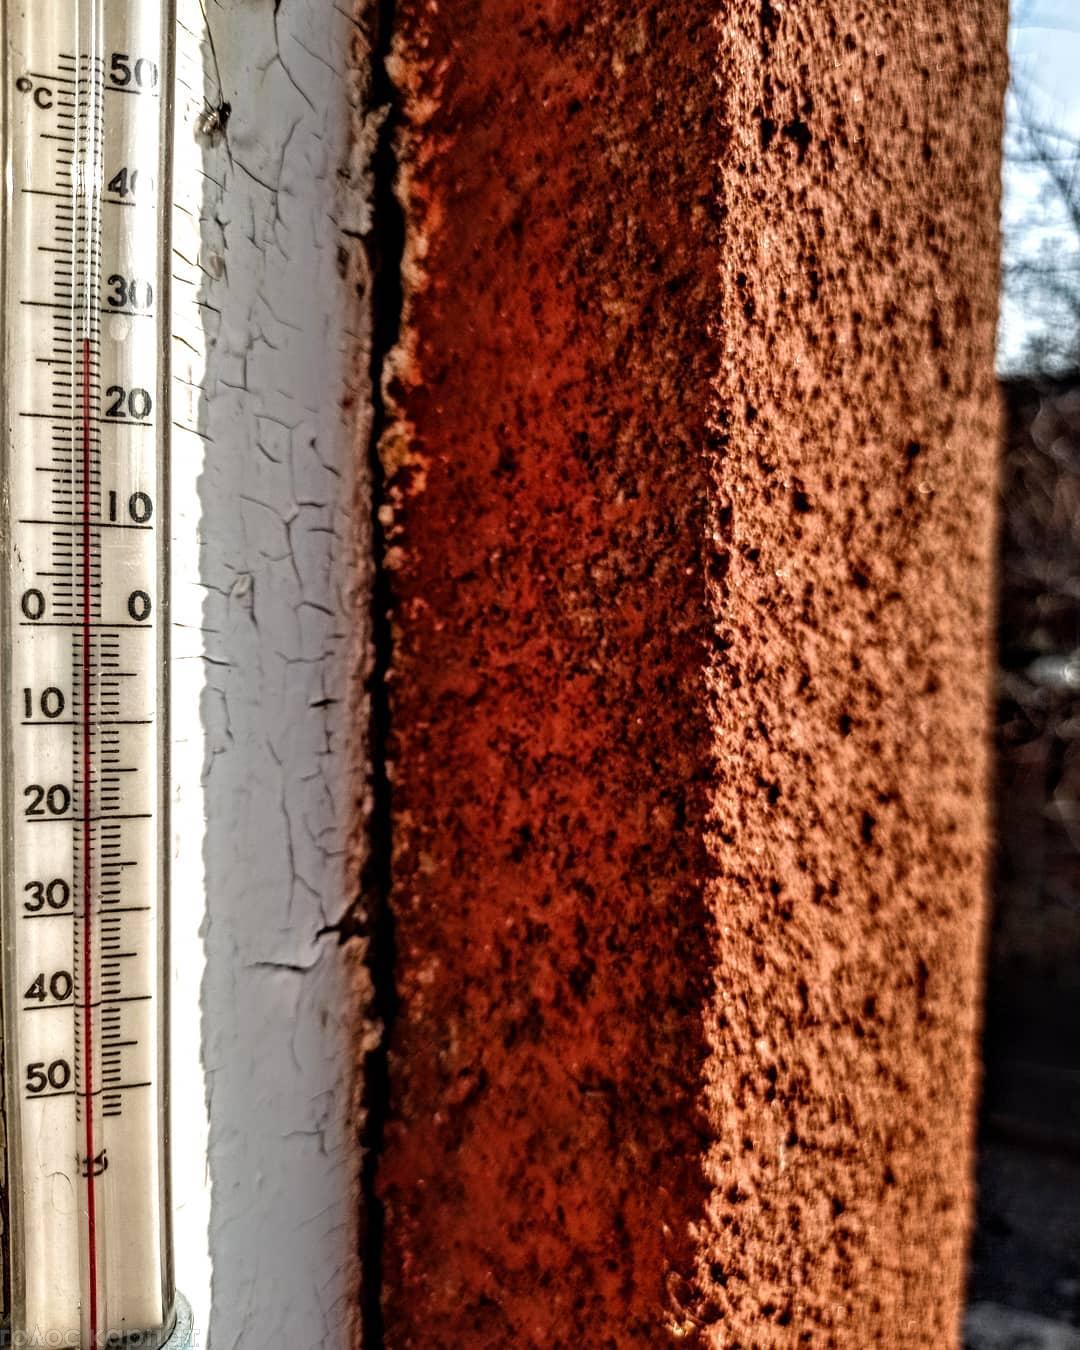 Фото з високим показником температури повітря на своїй сторінці виставляють мукачівці.